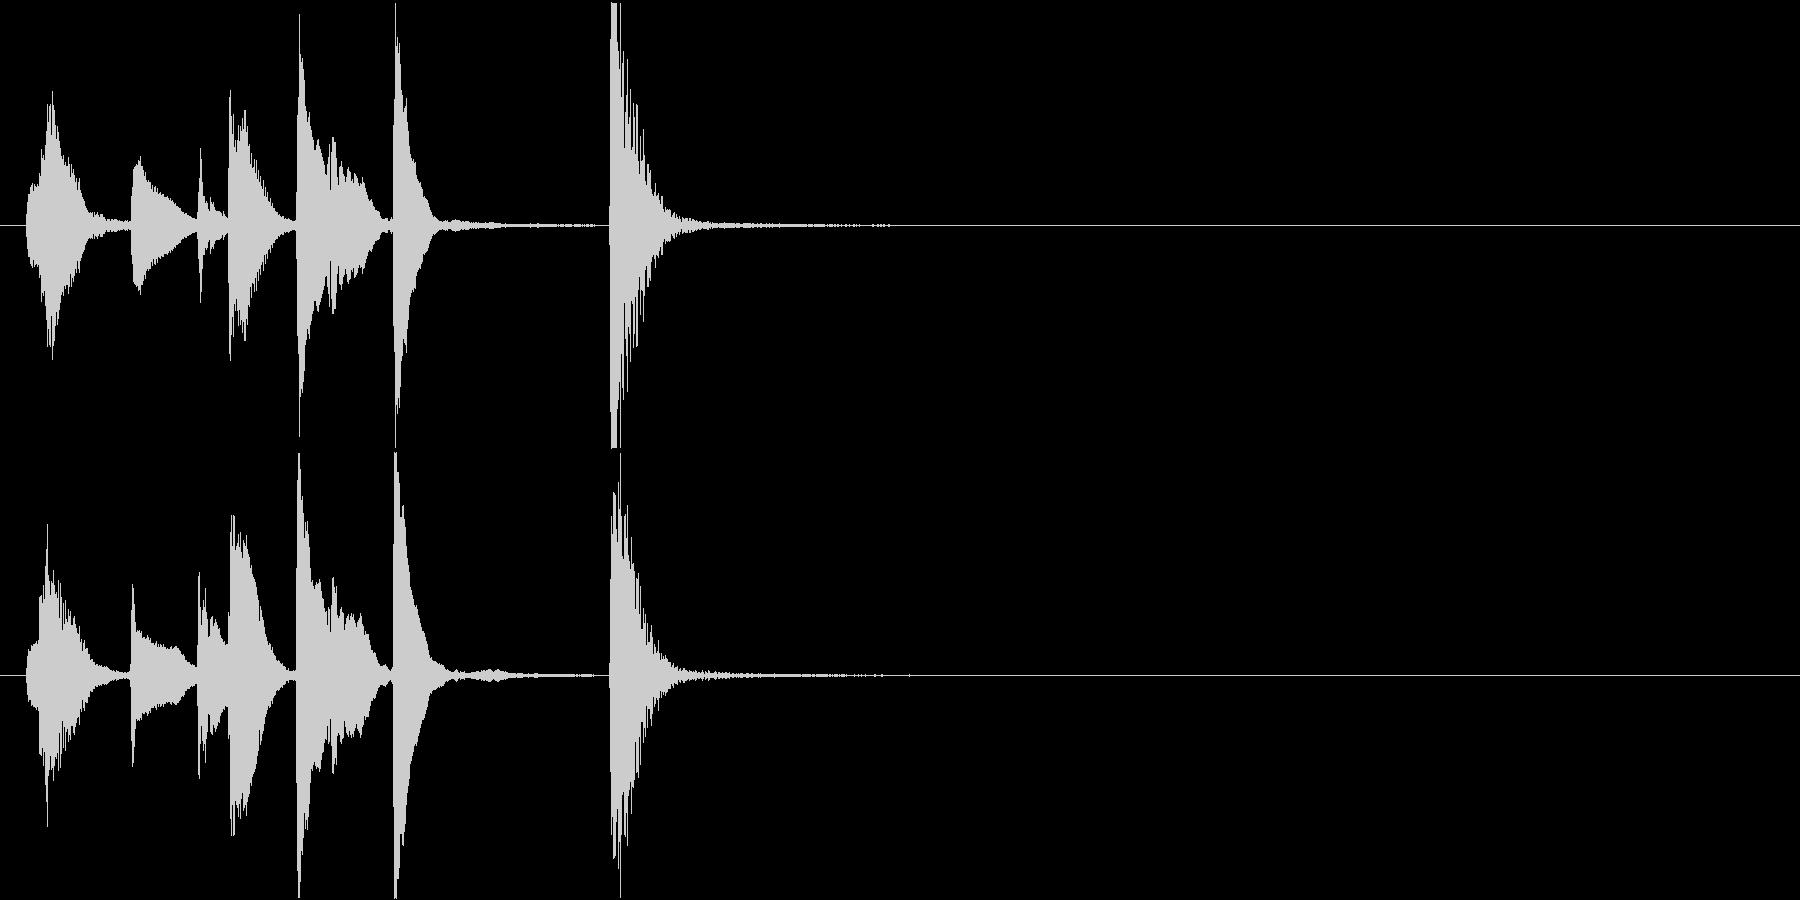 場面転換にハッピーなピアノジングルの未再生の波形